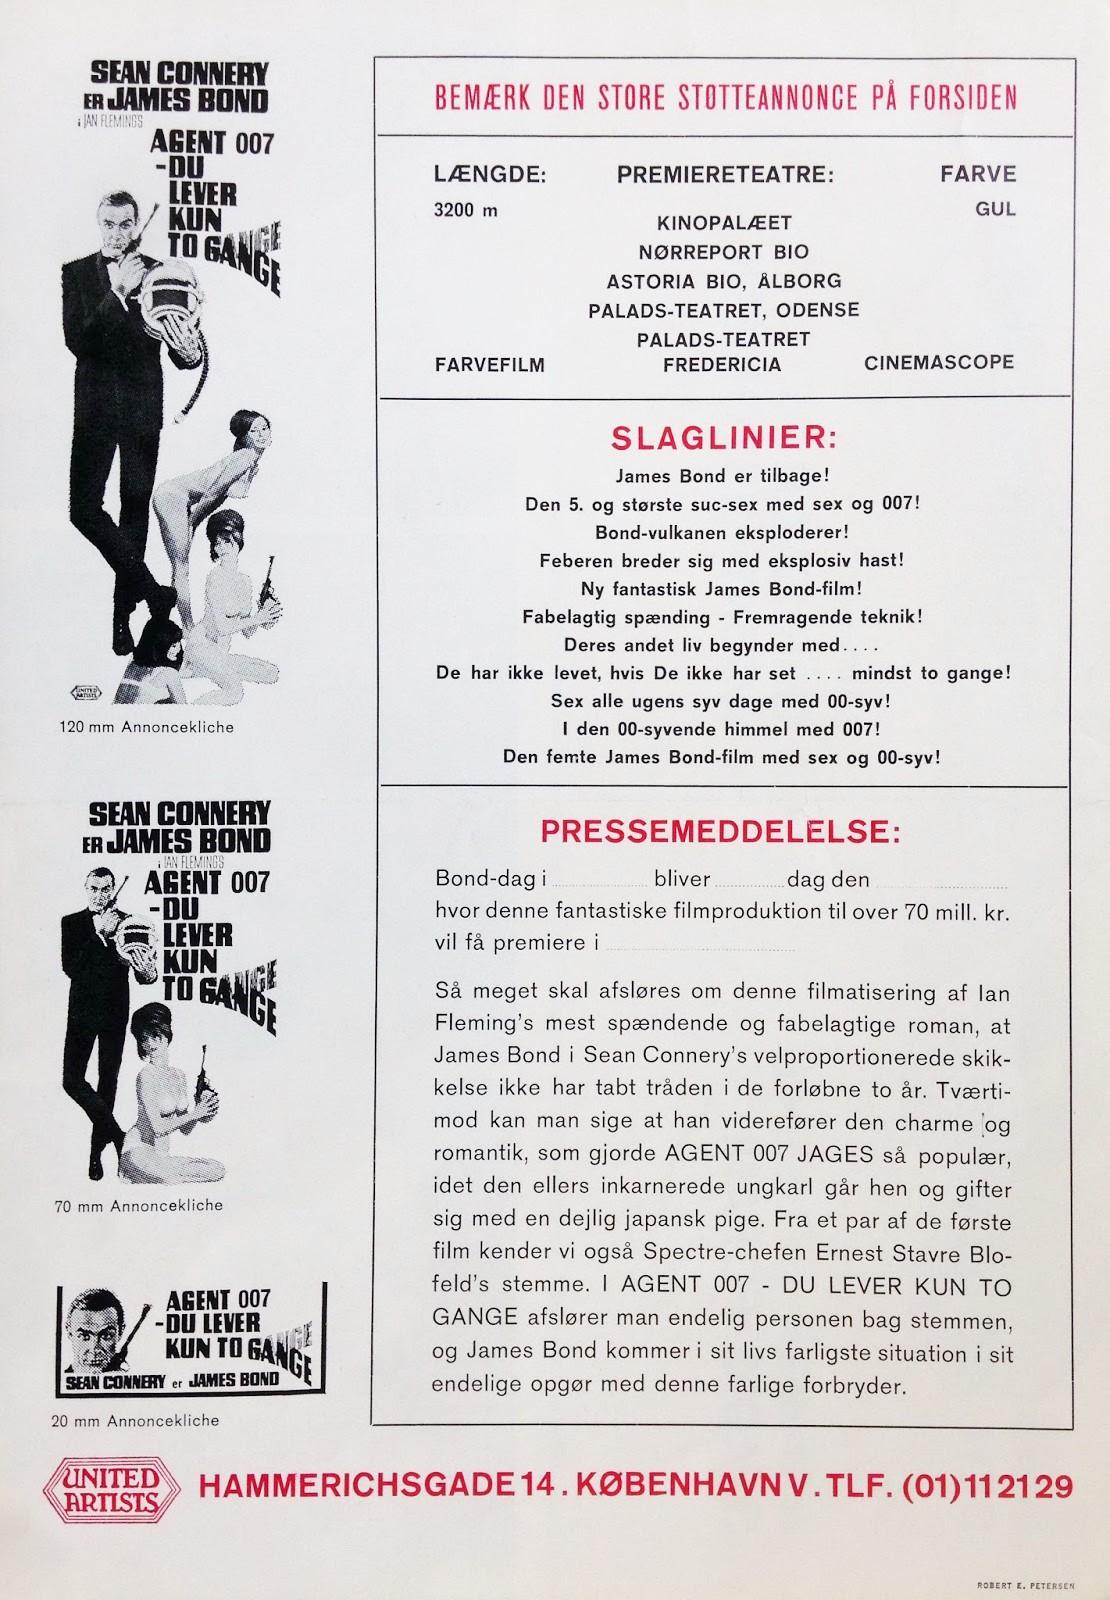 05 - Agent 007 Du Lever Kun To Gange (1B)